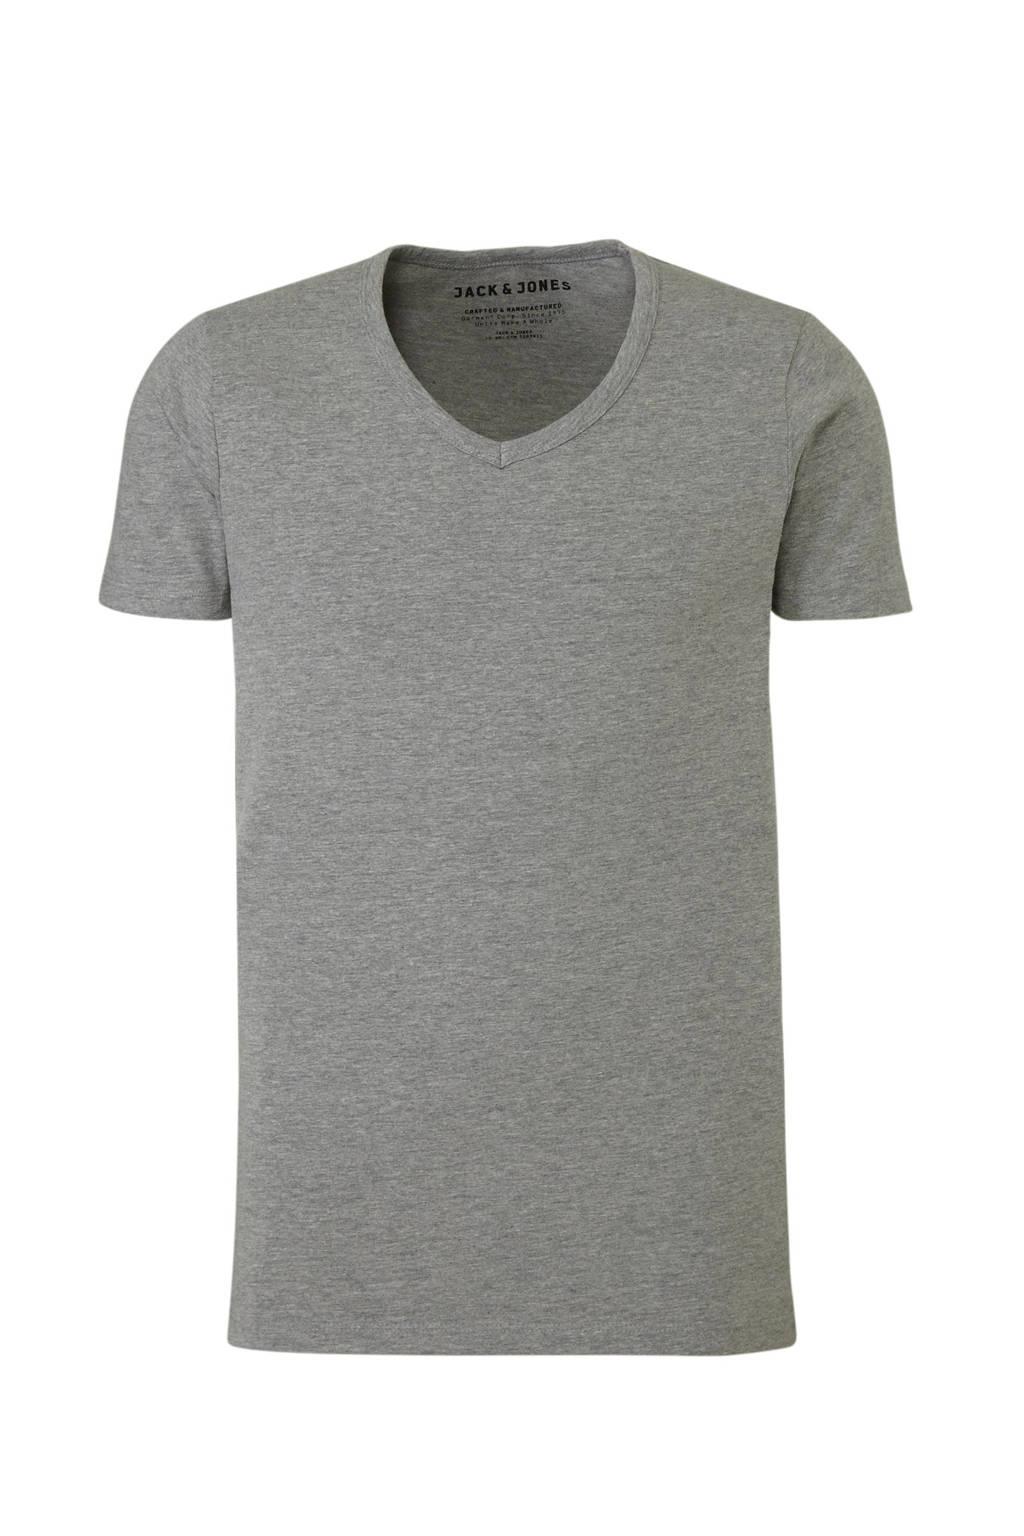 Jack & Jones T-shirt grijs melee, Grijs melee